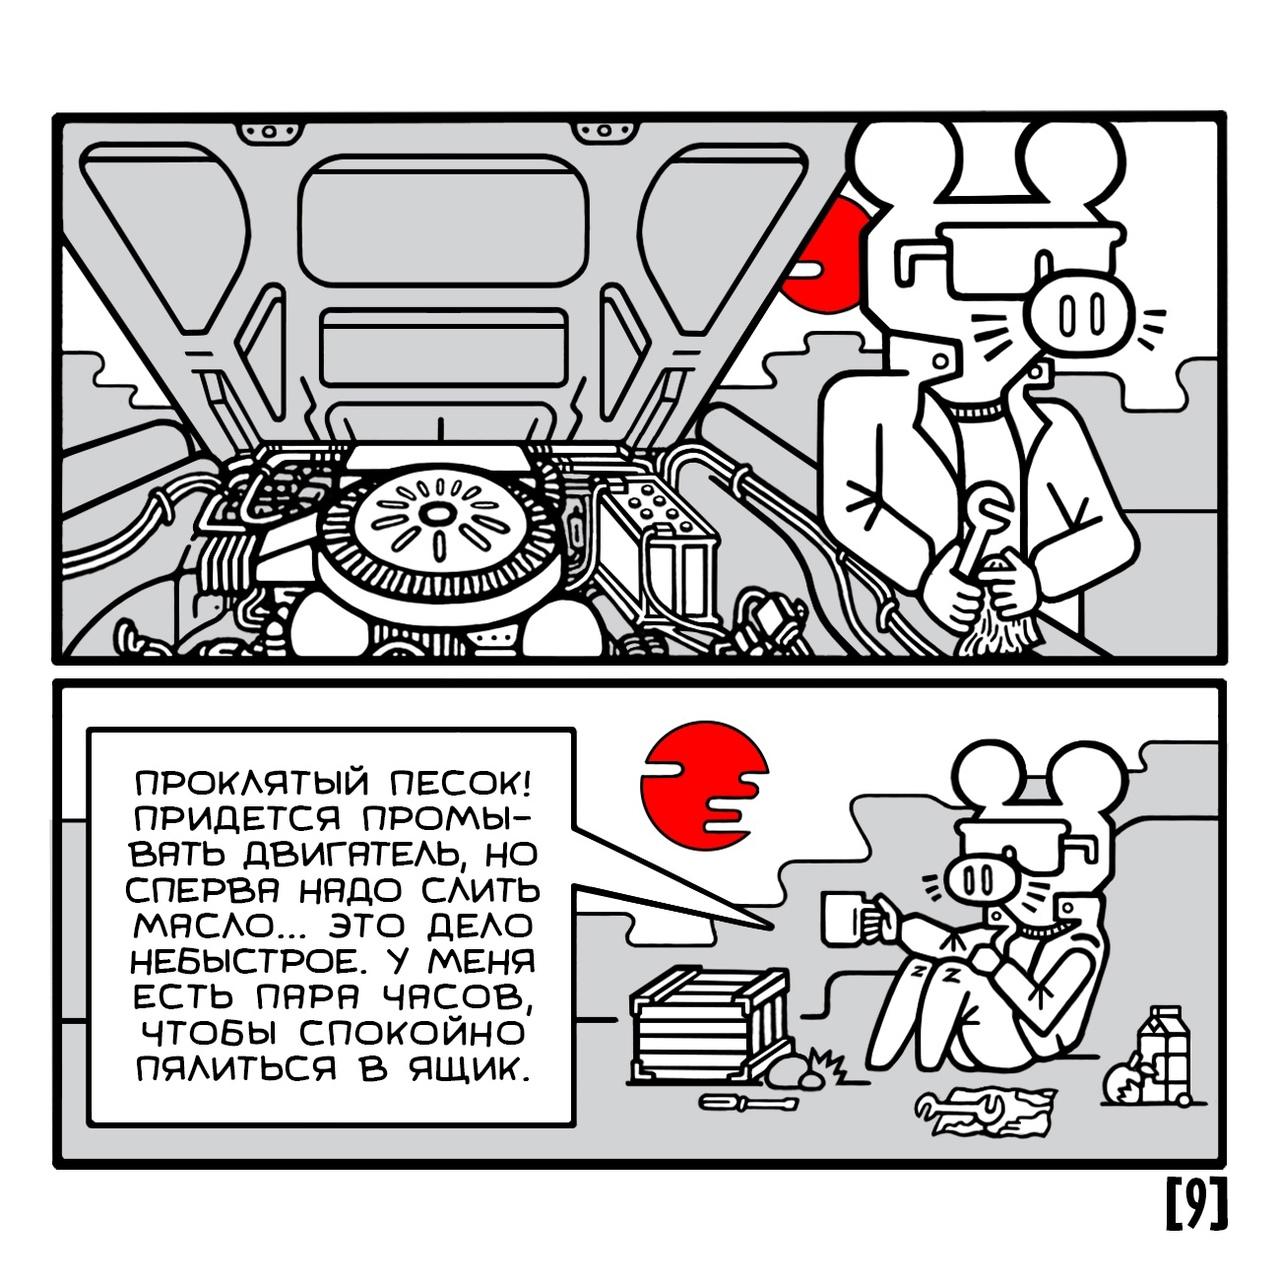 Автор комикса «Поросёнок-Мышь»: оконцепции, вдохновении и фантастики 10